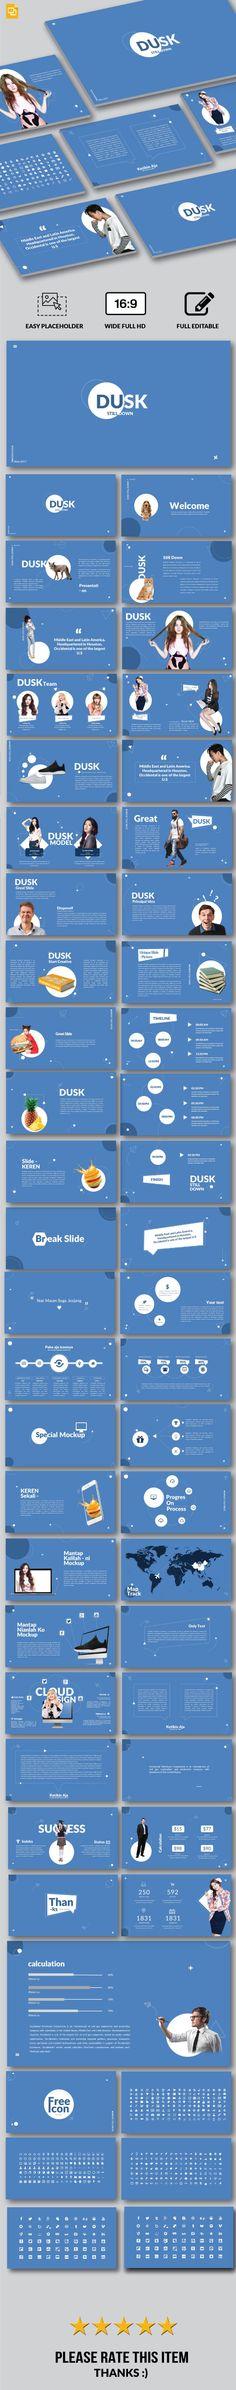 Dusk - Google Slide - Google Slides Presentation Templates